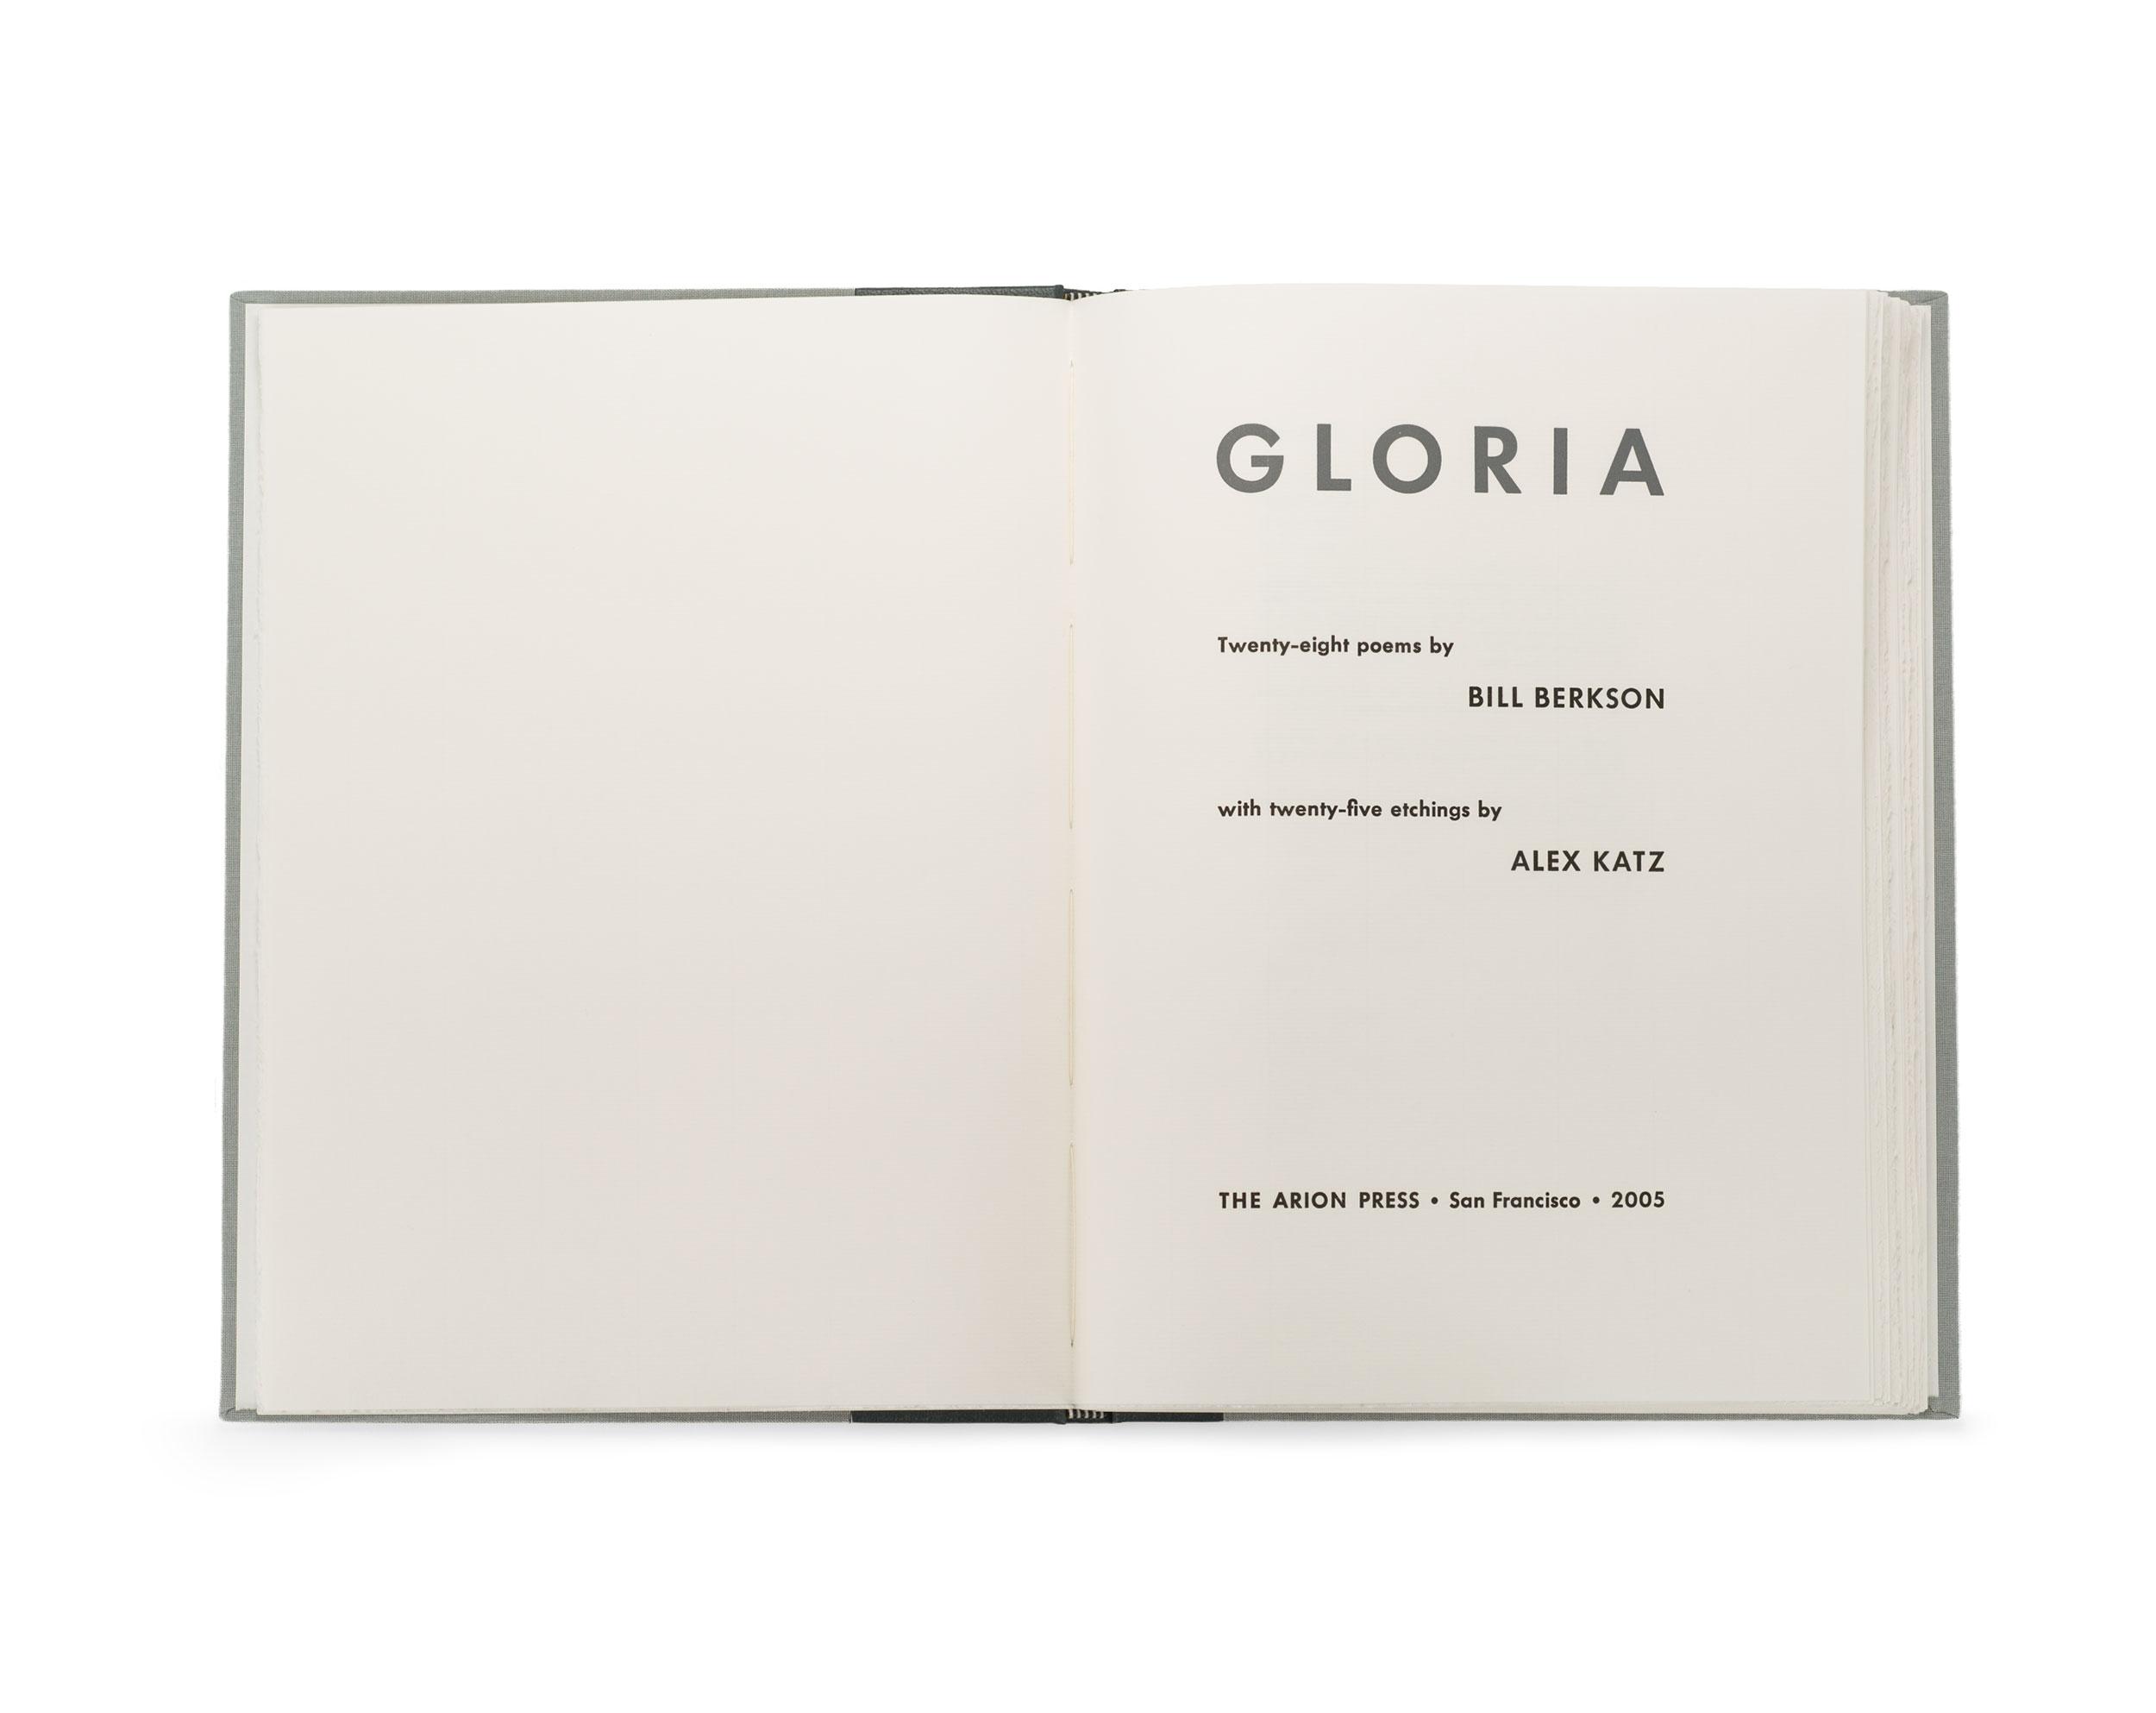 073_Gloria-Title-fix.jpg